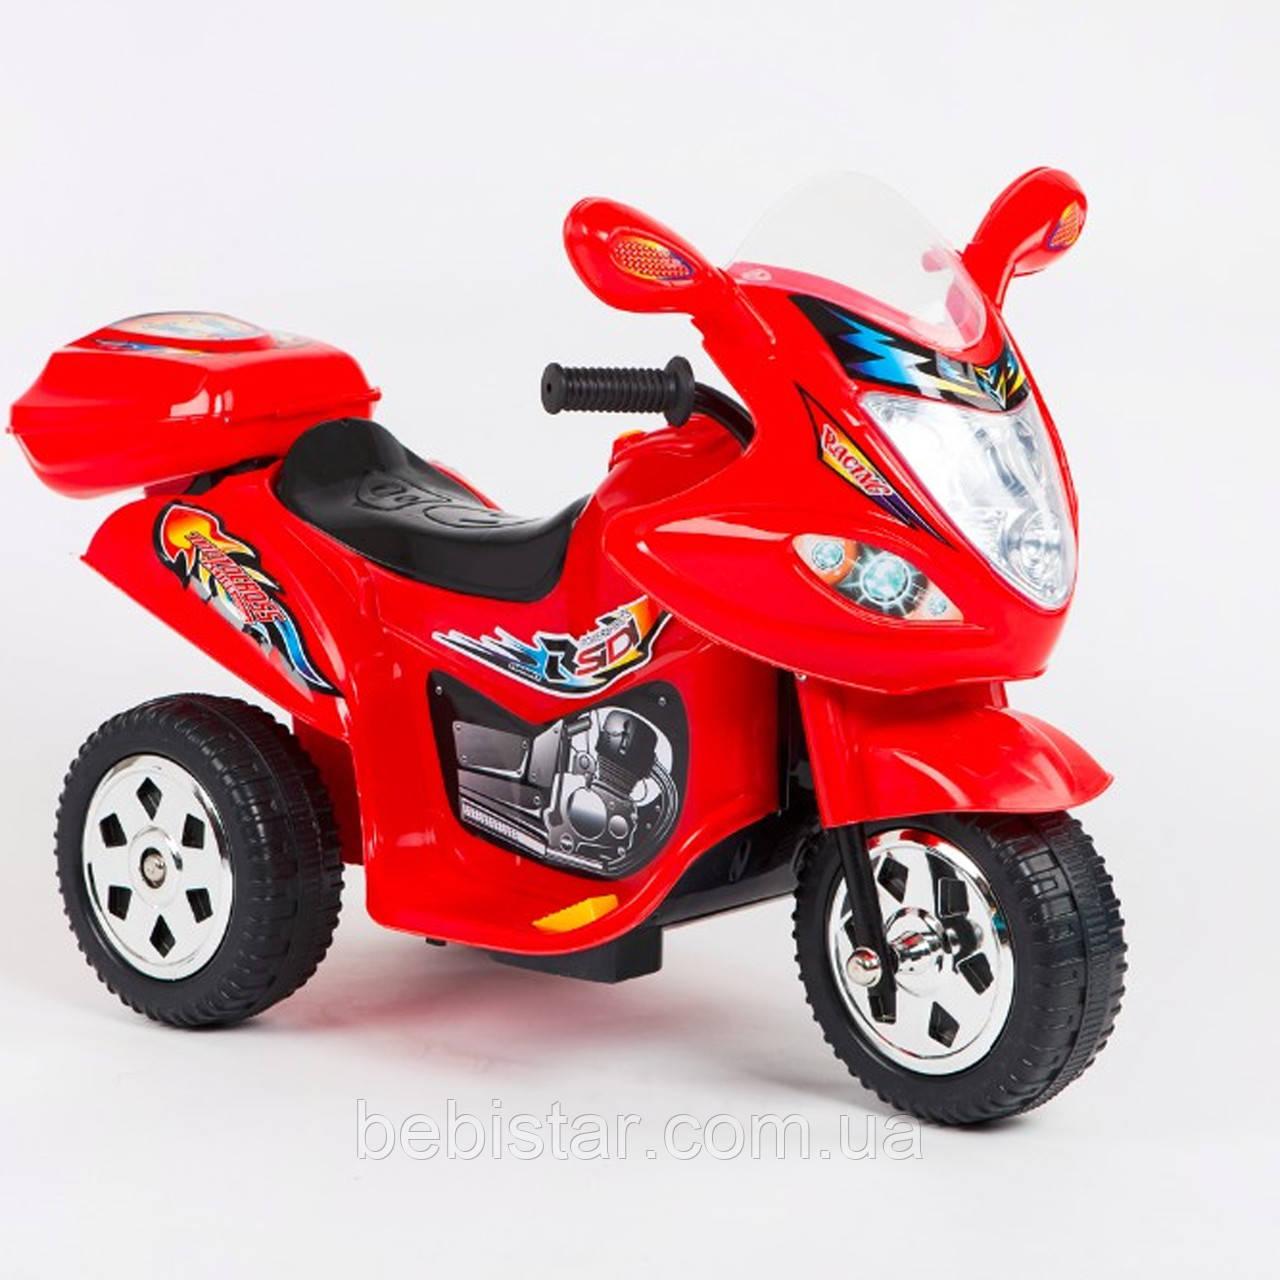 Дитячий електромобіль-мотоцикл Т-7217 червоний діткам 2-4 роки